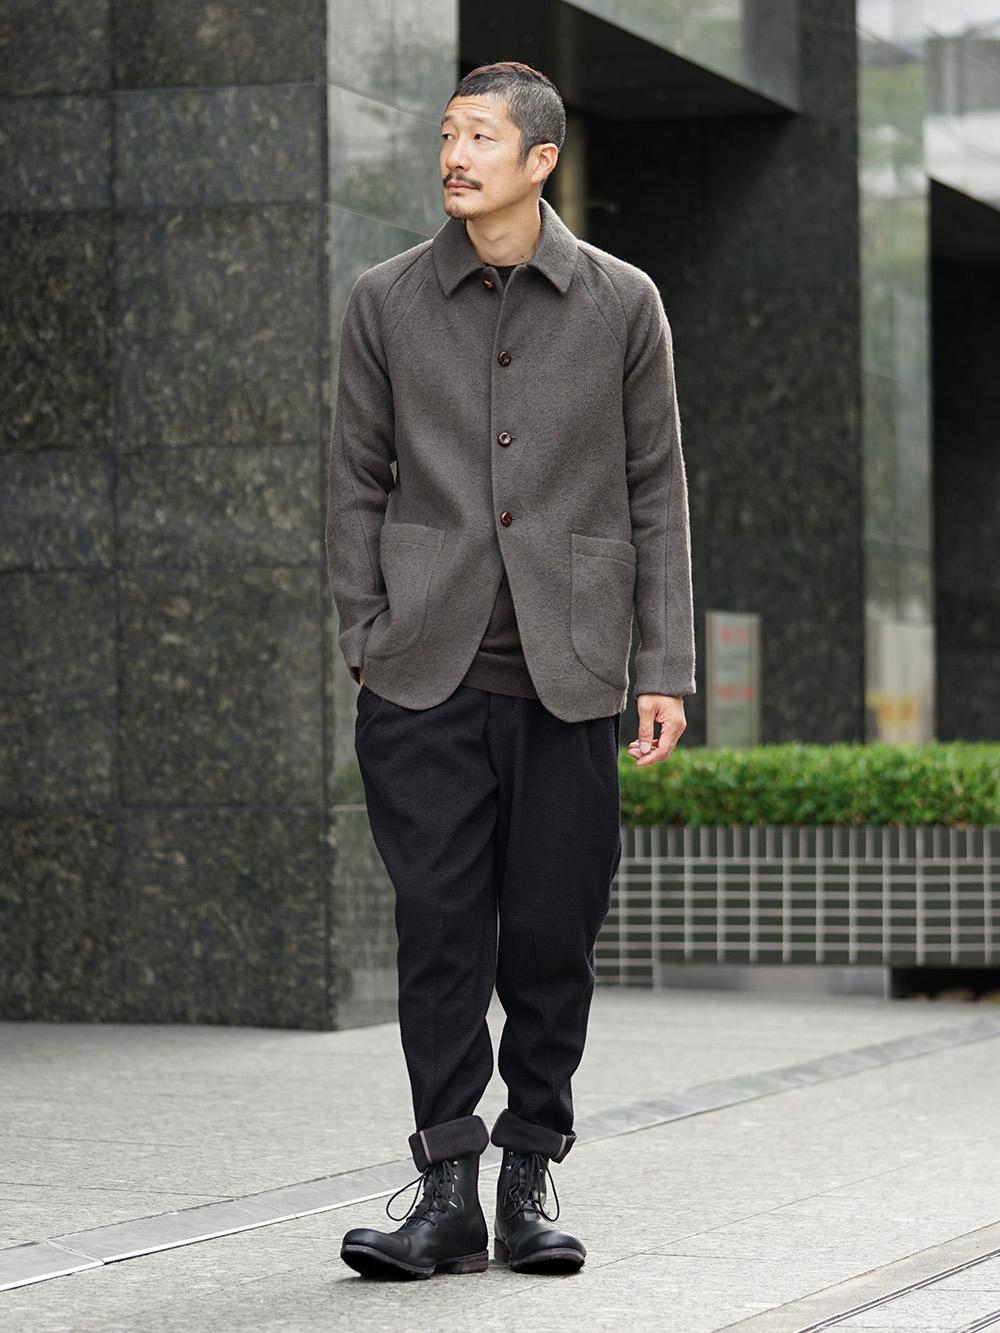 DEVOA 18-19AW Camel / Linen Coat & Jacket style FW18-19-001